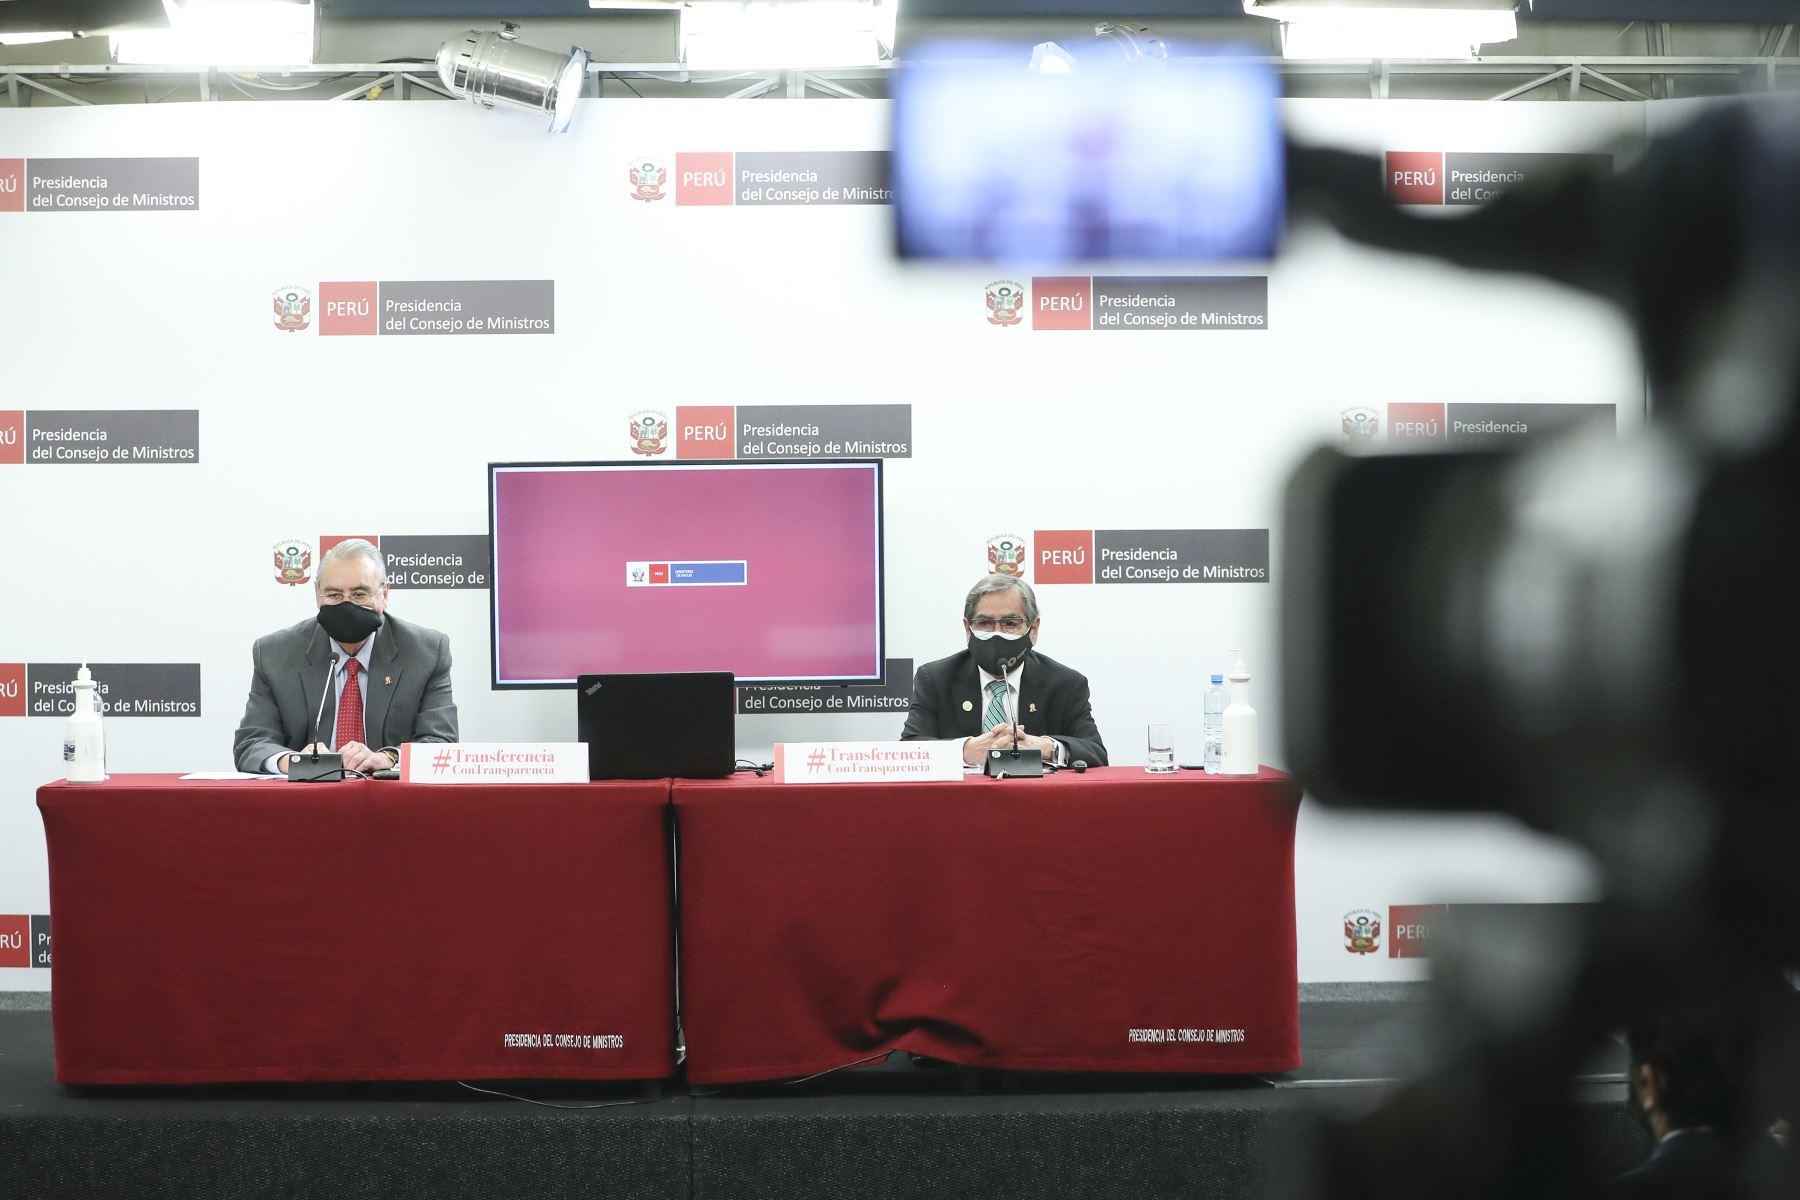 El ministro de Relaciones Exteriores, Allan Wagner, junto al ministro de Salud, Oscar Ugarte, brindan penúltima conferencia de prensa Transferencia con Transparencia sobre el balance de su gestión. Foto: ANDINA/PCM